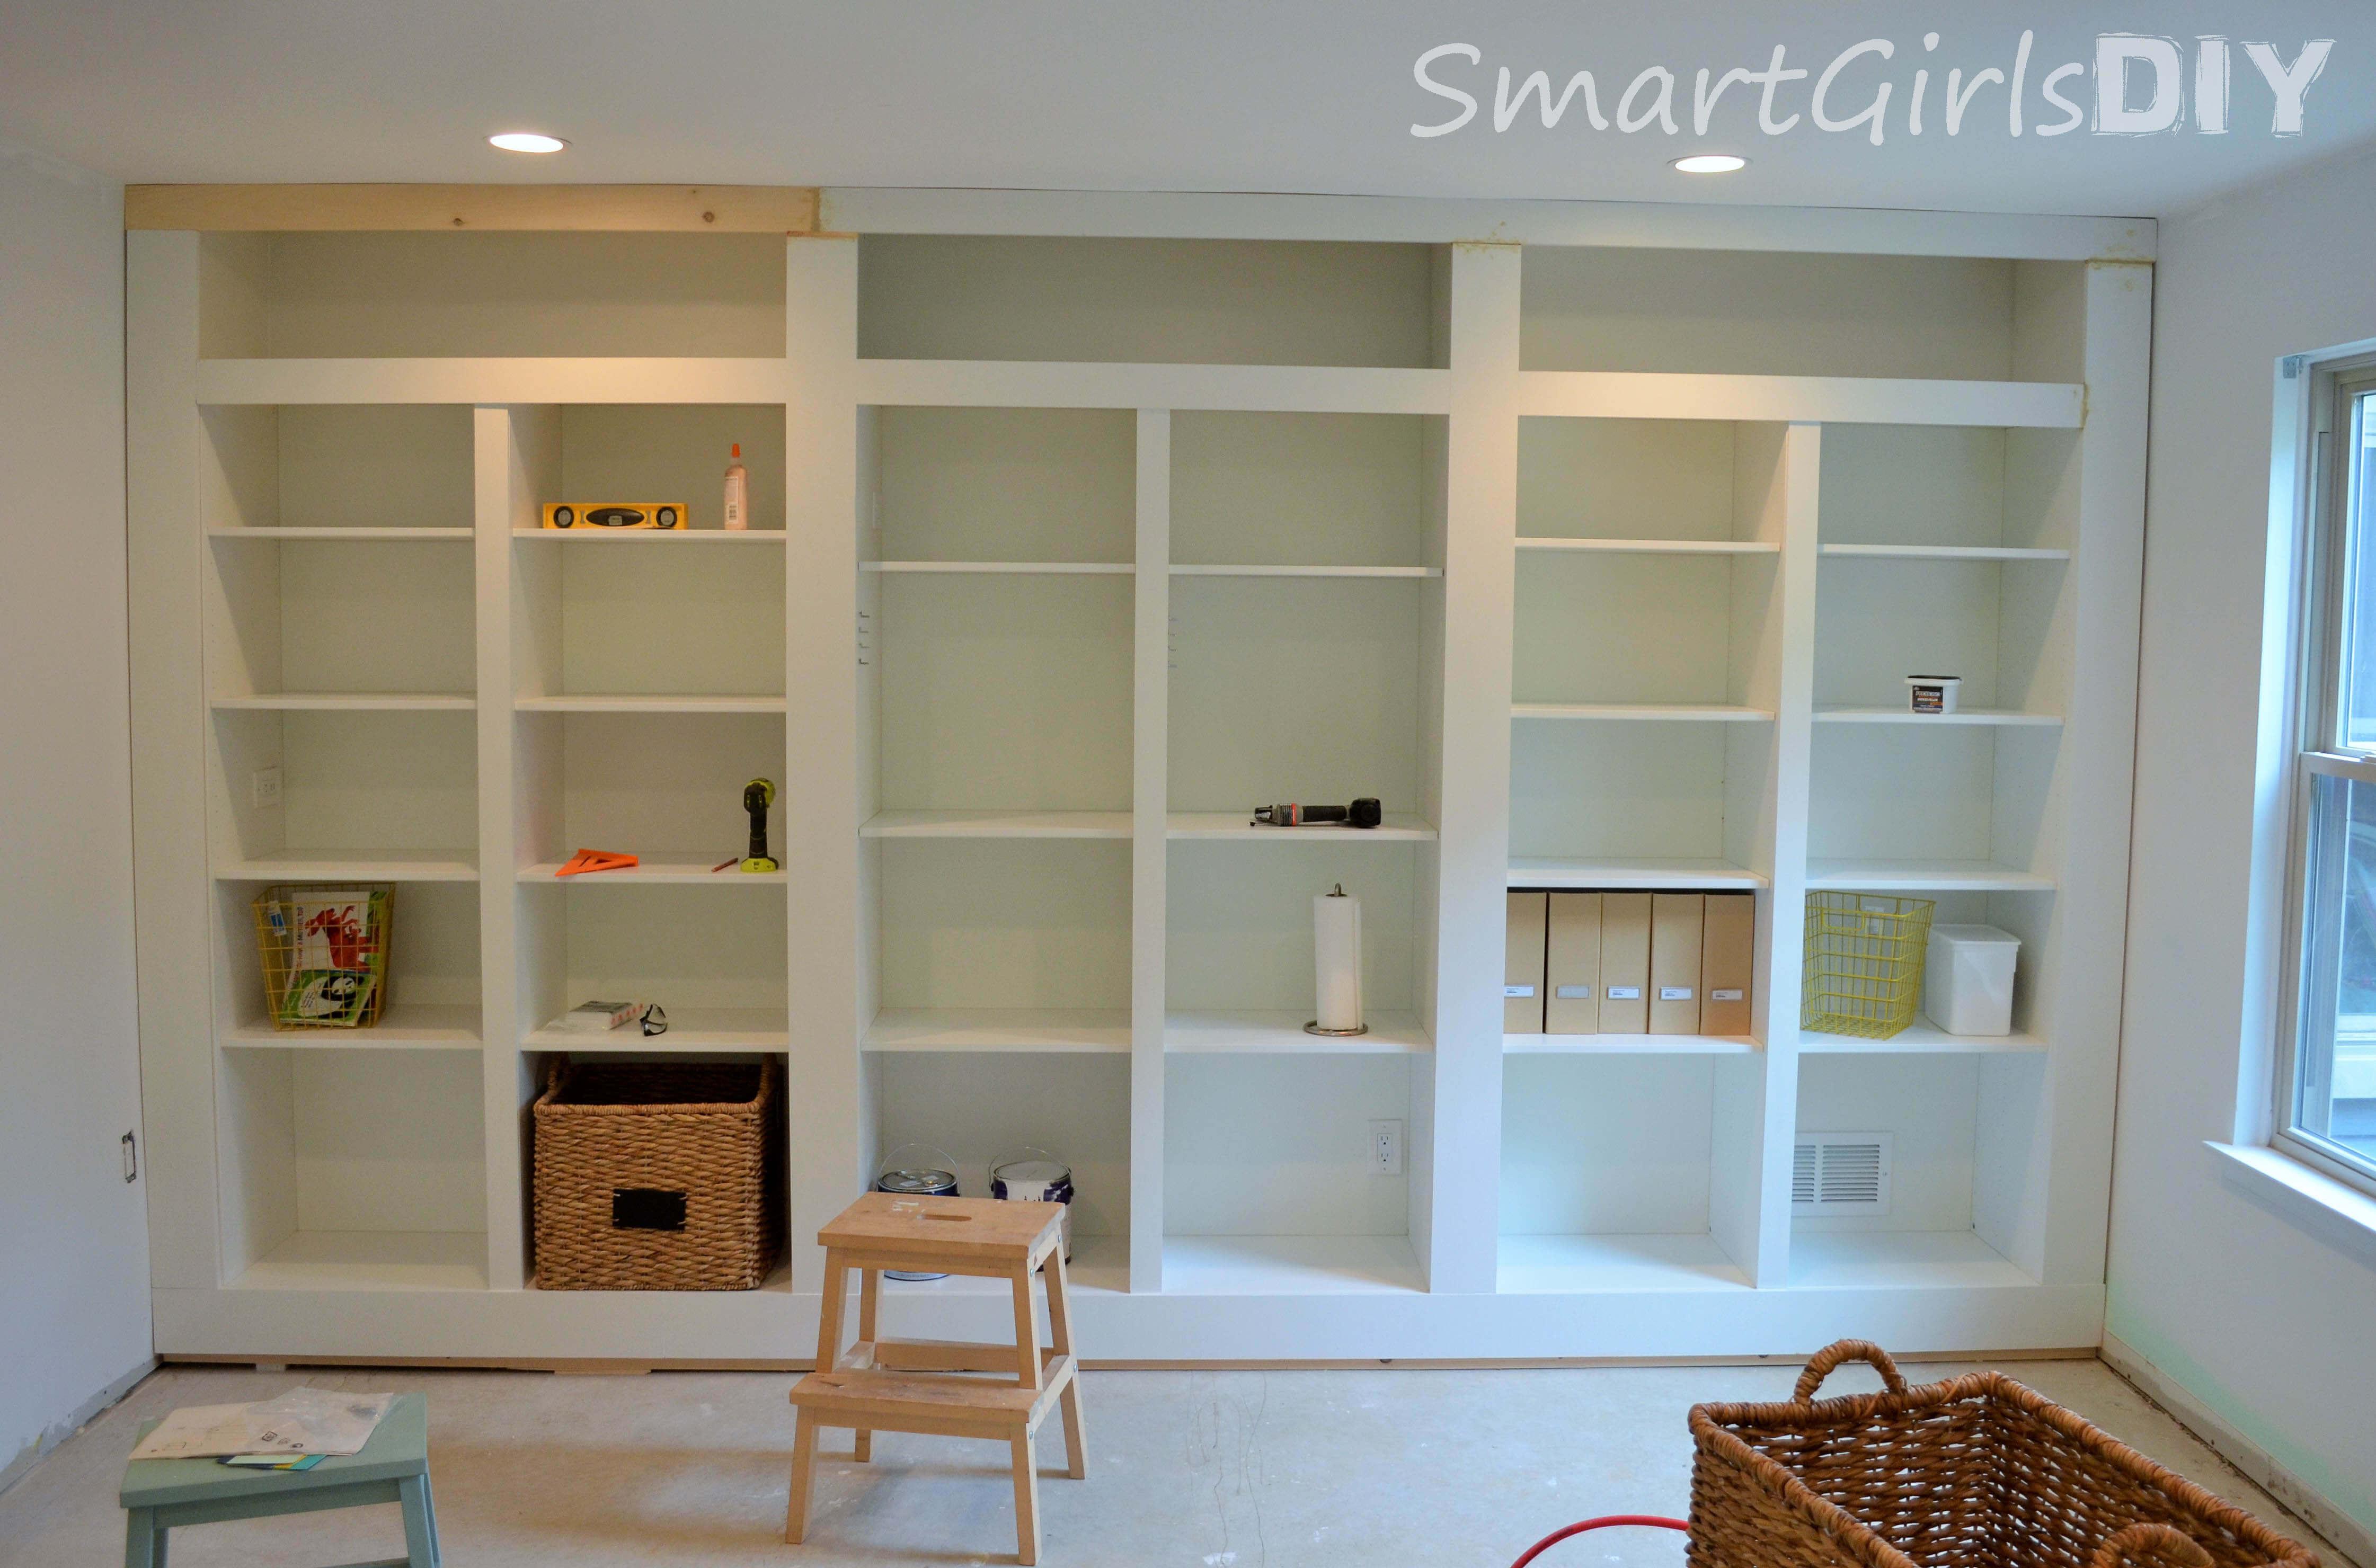 Decoracion mueble sofa: Ikea besta bookshelves